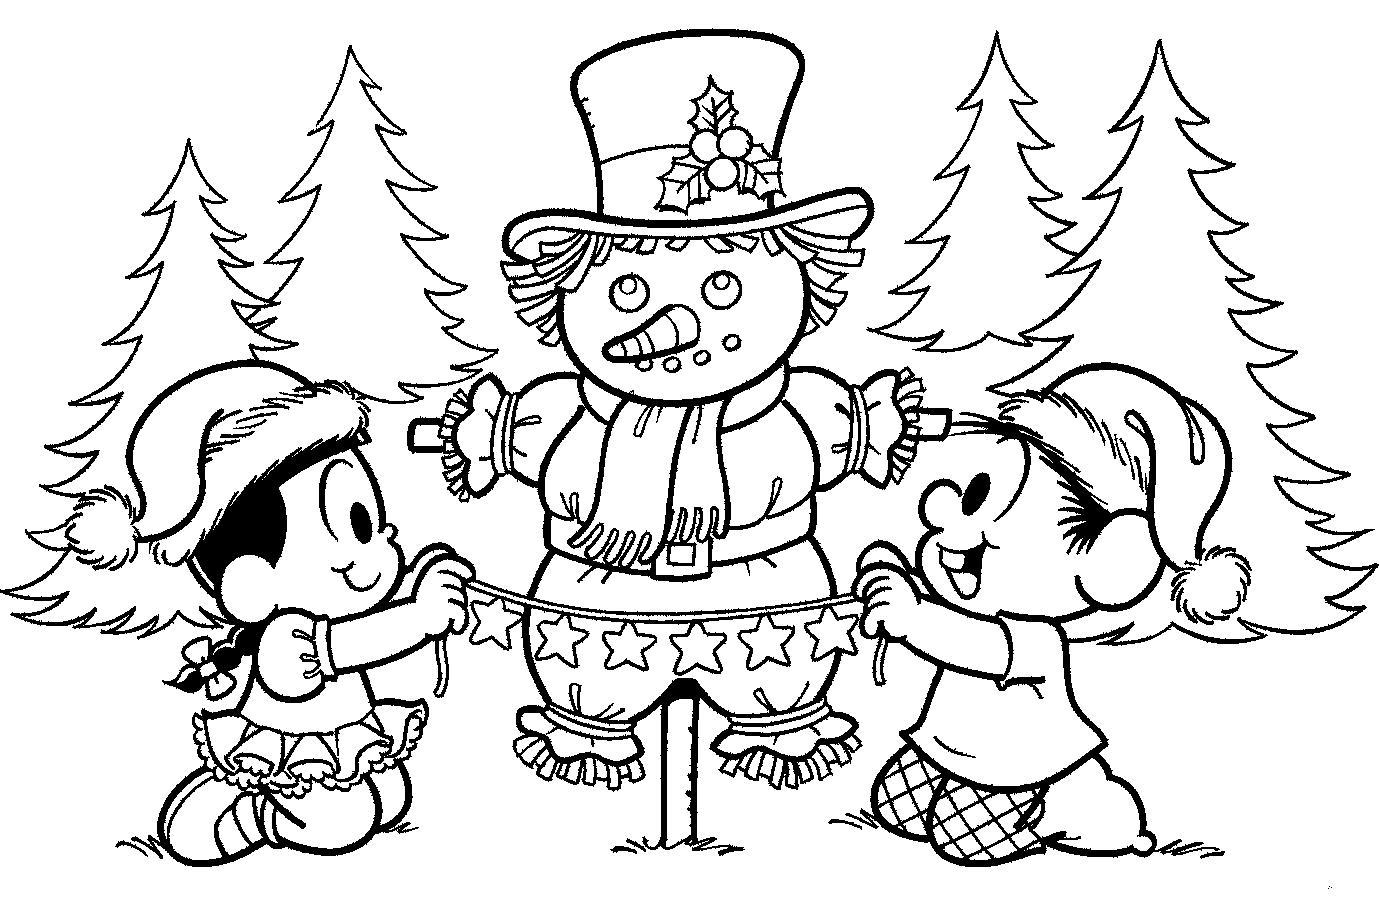 Desenhos Preto e Branco turma da monica em festas de natal Colorir